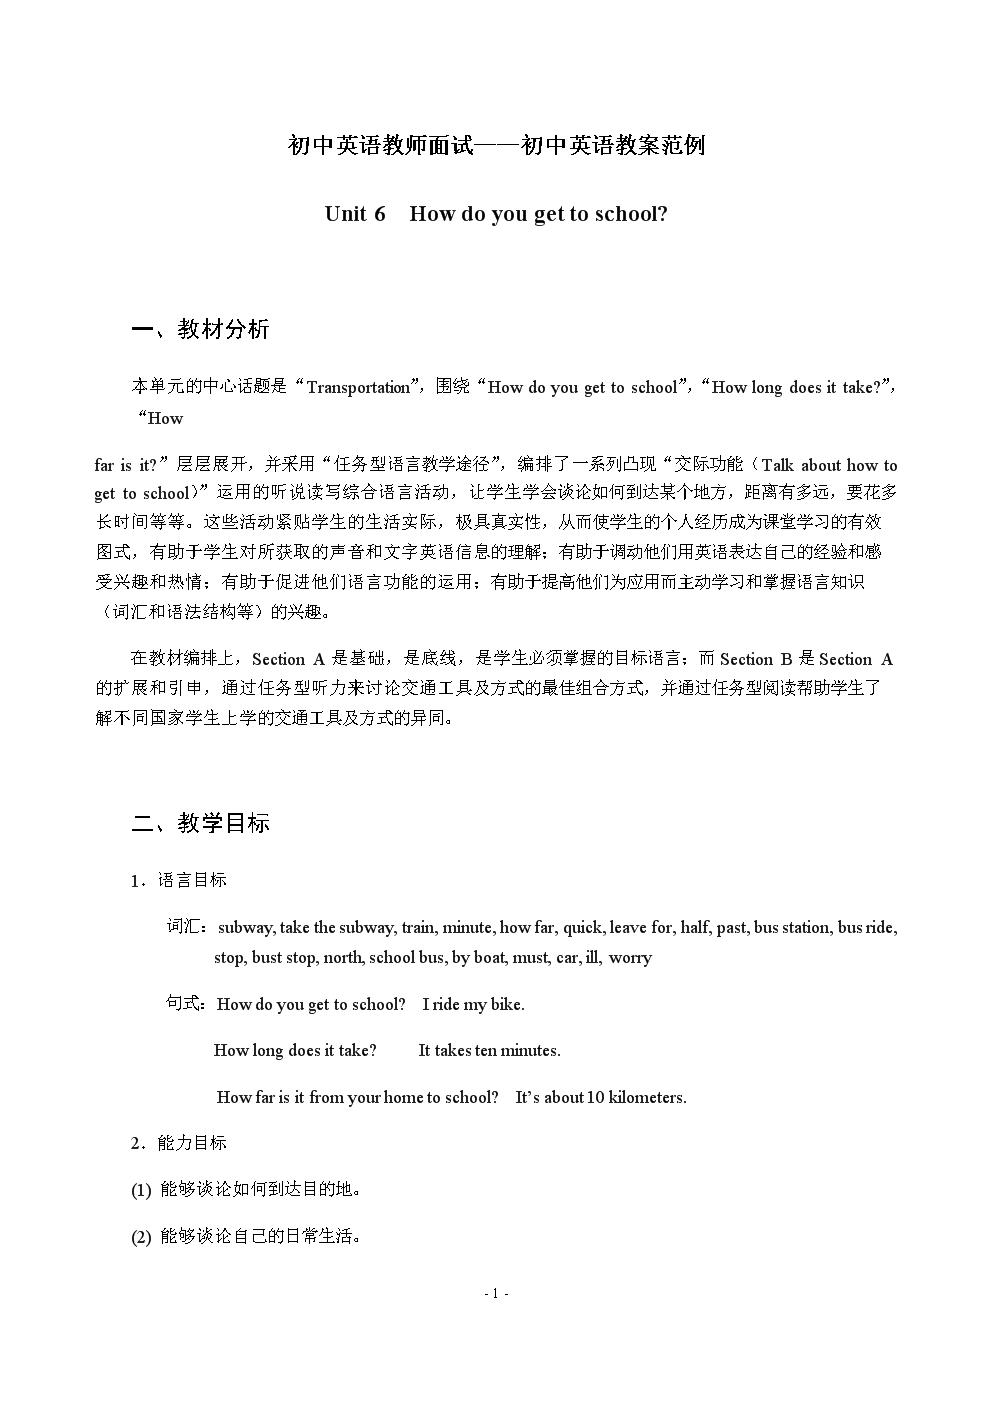 范例英语教师汇编--初中英语初中教案放假.doc初中面试日本图片